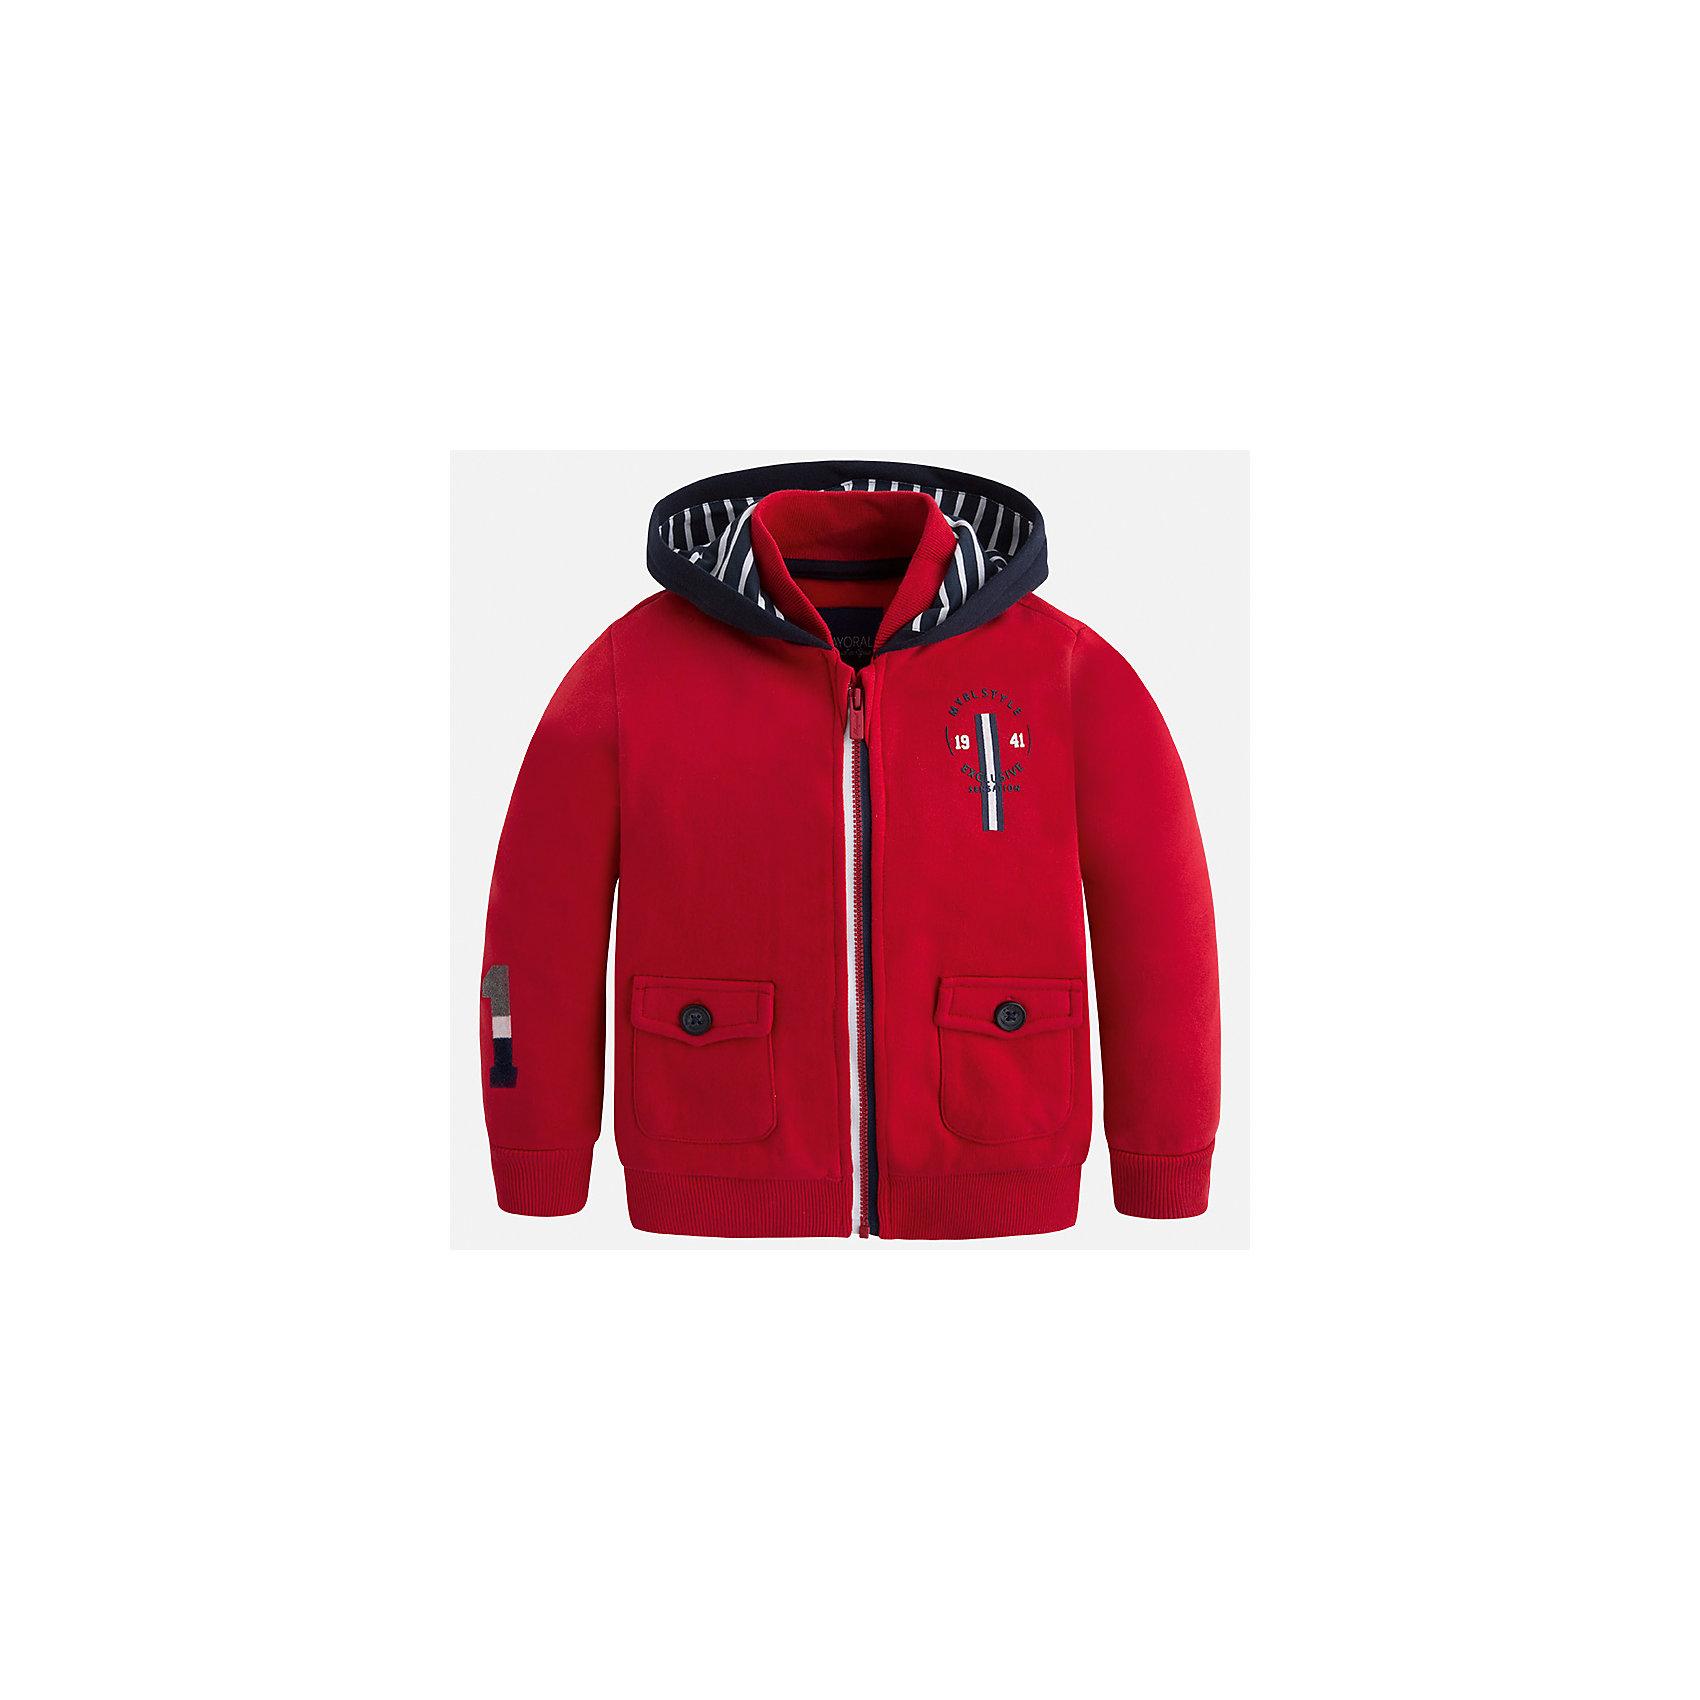 Куртка для мальчика MayoralДемисезонные куртки<br>Характеристики товара:<br><br>• цвет: красный<br>• состав ткани: 100% хлопок<br>• сезон: демисезон<br>• особенности толстовки: с манжетами, на молнии<br>• капюшон: без меха, несъемный<br>• застежка: молния<br>• страна бренда: Испания<br>• страна изготовитель: Индия<br><br>Такая детская толстовка от Mayoral дополнена удобными карманами и капюшоном. Толстовка для мальчика сшита из приятного на ощупь хлопкового материала. Детская одежда от испанской компании Mayoral, как и эта яркая толстовка для мальчика, отличается оригинальным и всегда стильным дизайном. Качество продукции неизменно очень высокое. <br><br>Толстовку для мальчика Mayoral (Майорал) можно купить в нашем интернет-магазине.<br><br>Ширина мм: 356<br>Глубина мм: 10<br>Высота мм: 245<br>Вес г: 519<br>Цвет: красный<br>Возраст от месяцев: 96<br>Возраст до месяцев: 108<br>Пол: Мужской<br>Возраст: Детский<br>Размер: 134,92,98,104,110,122,116,128<br>SKU: 6932825